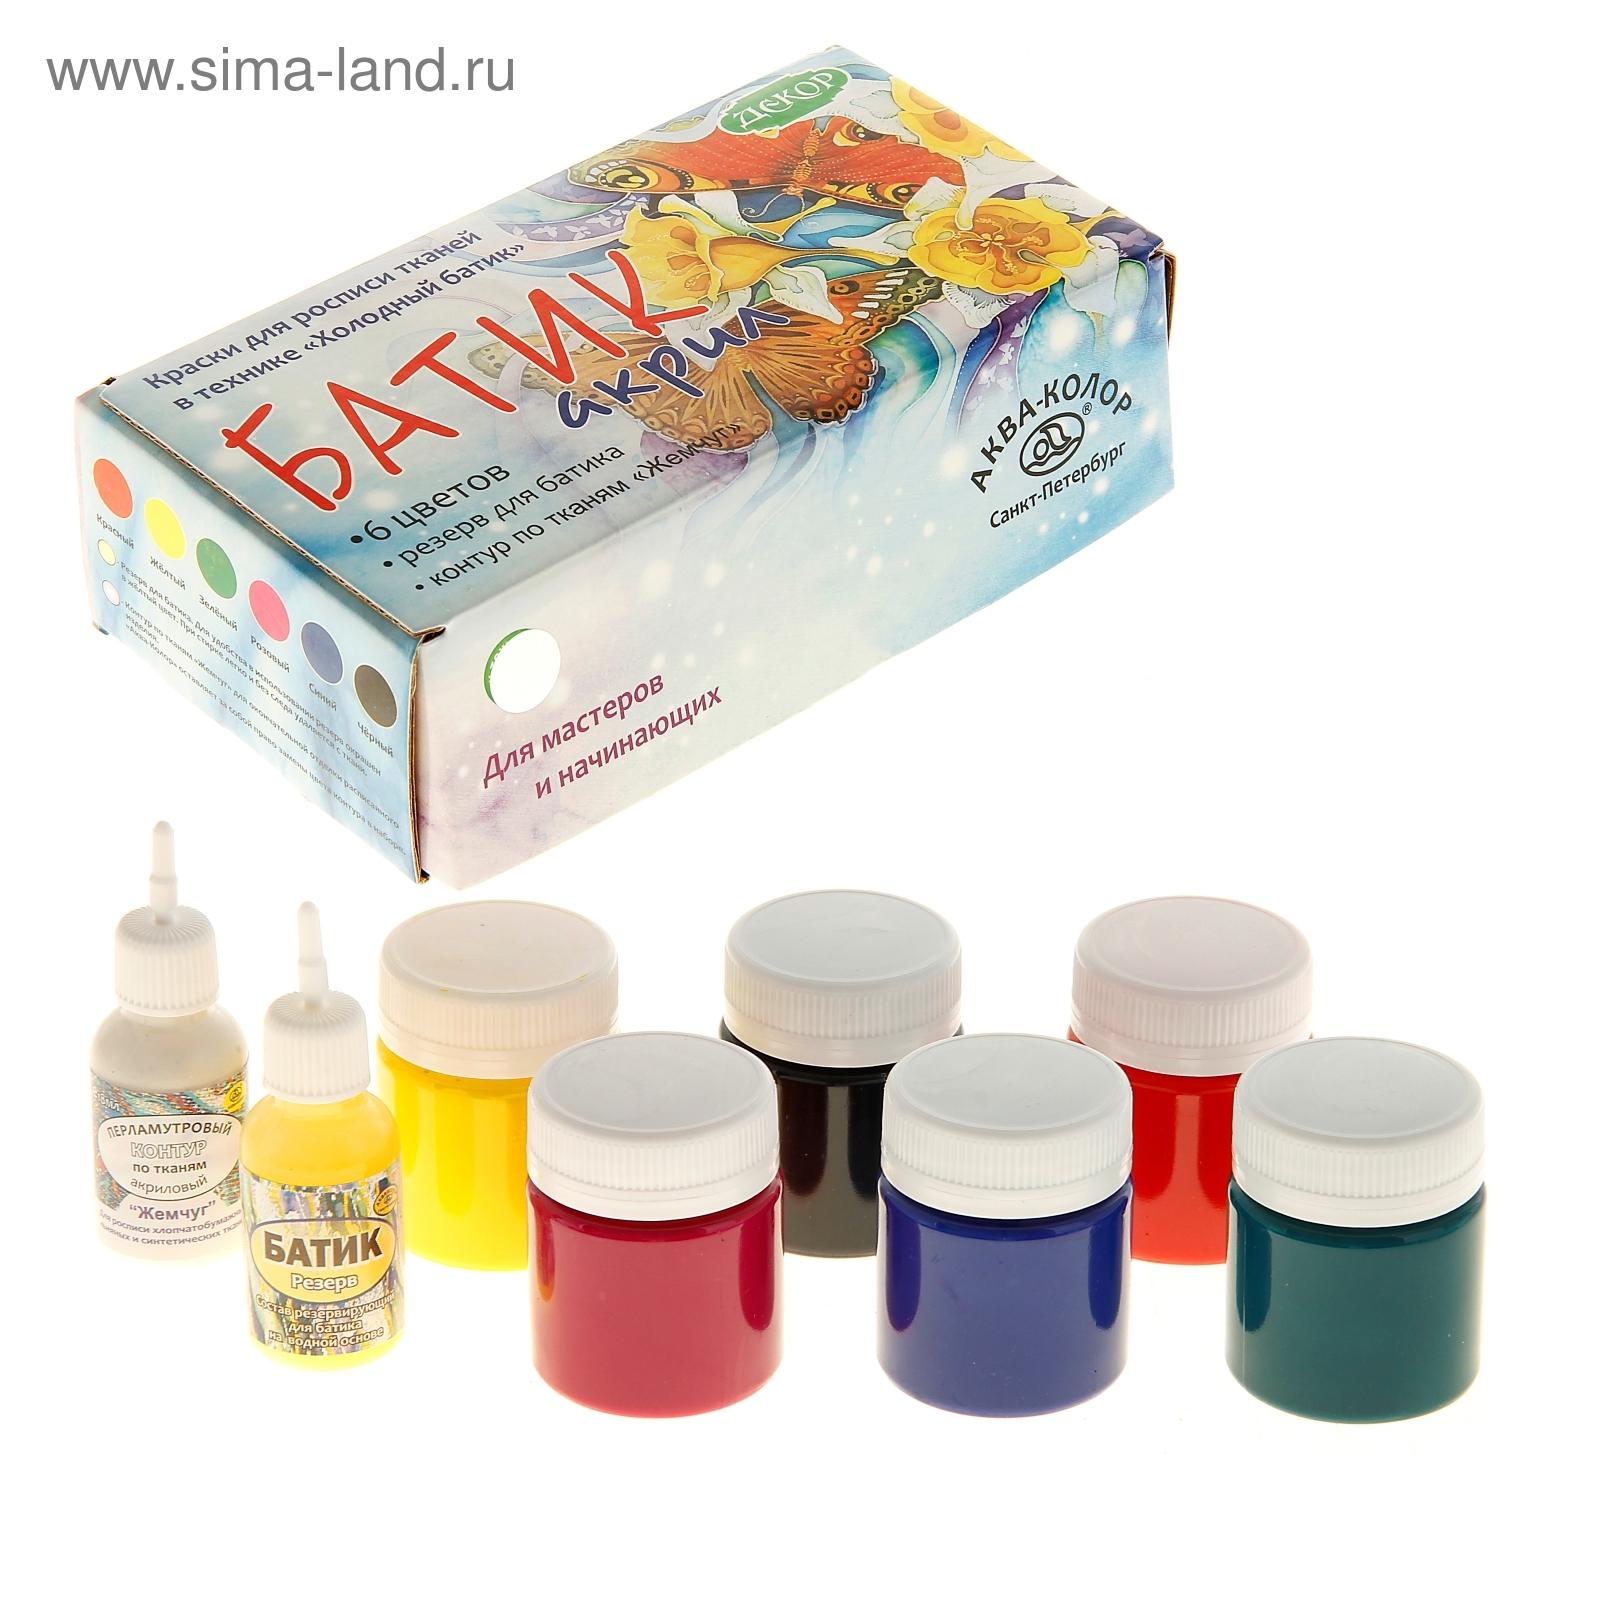 Краска для ткани купить в липецке на katia souspir пряжа